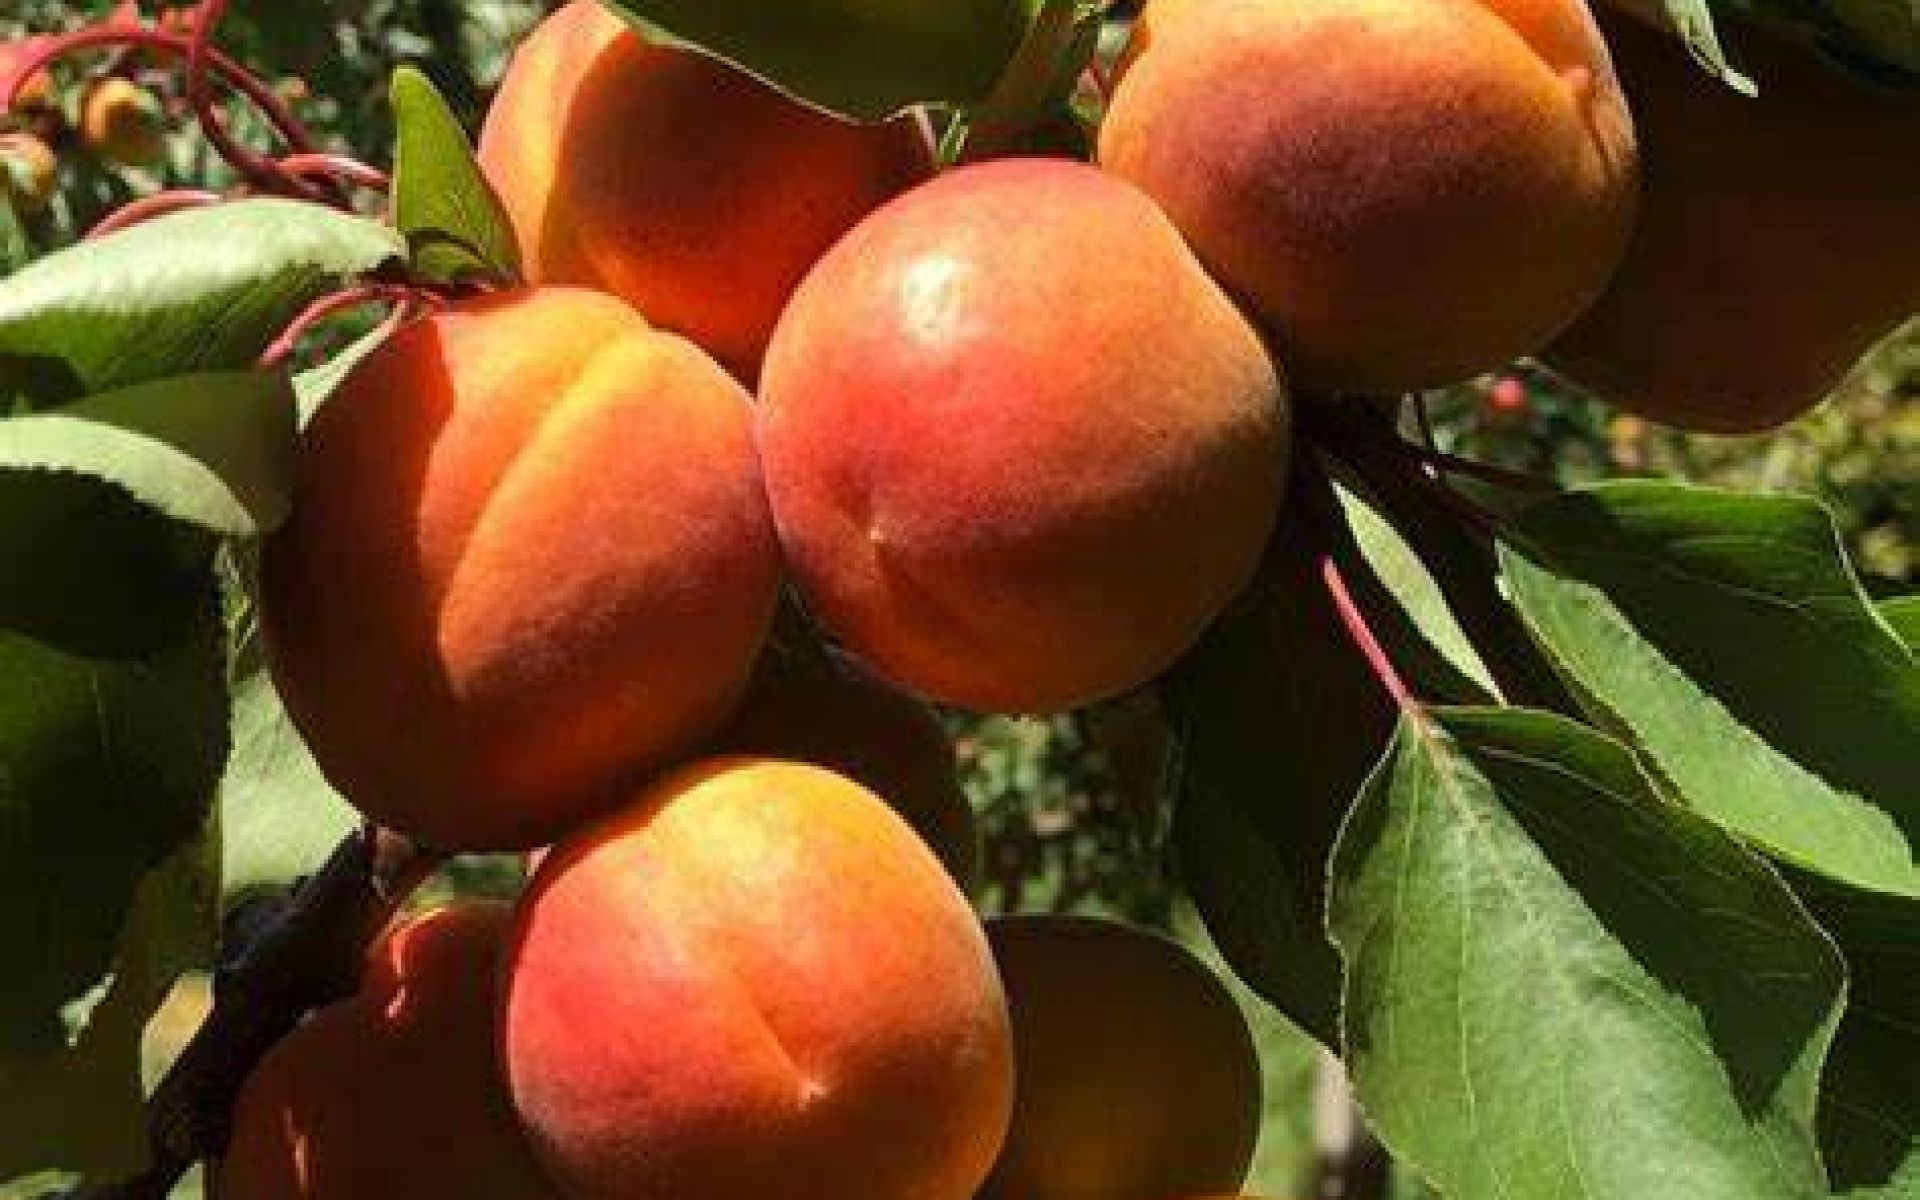 L'abricot du Valais